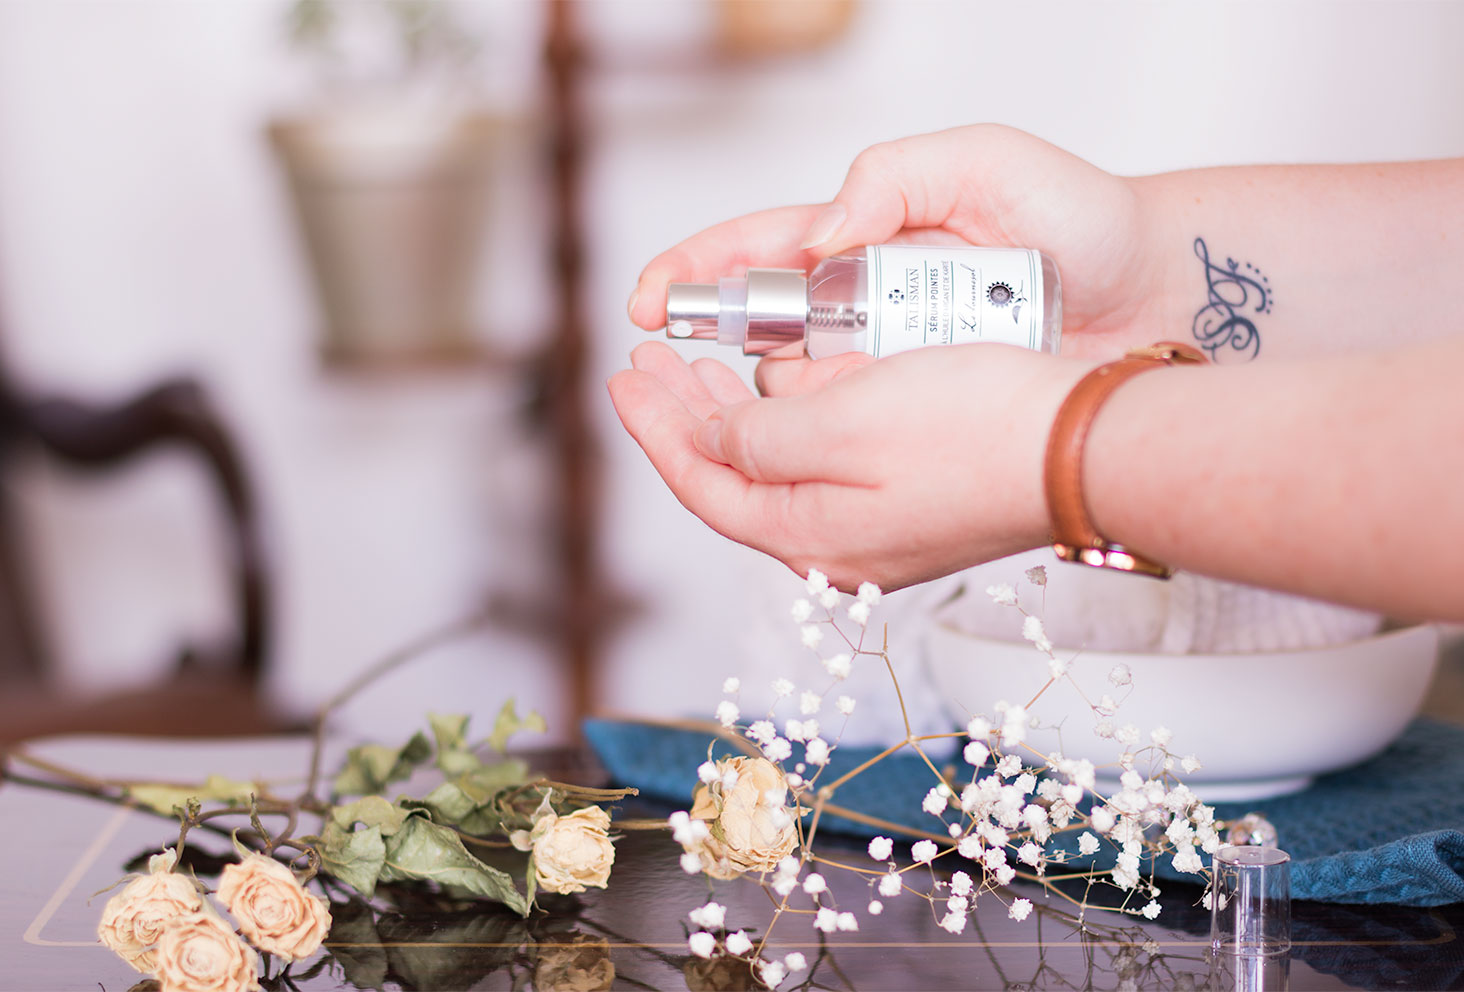 Utilisation de la pompe du sérum pointes sèches de Talisman avec application du produit dans les mains au milieu des fleurs séchées